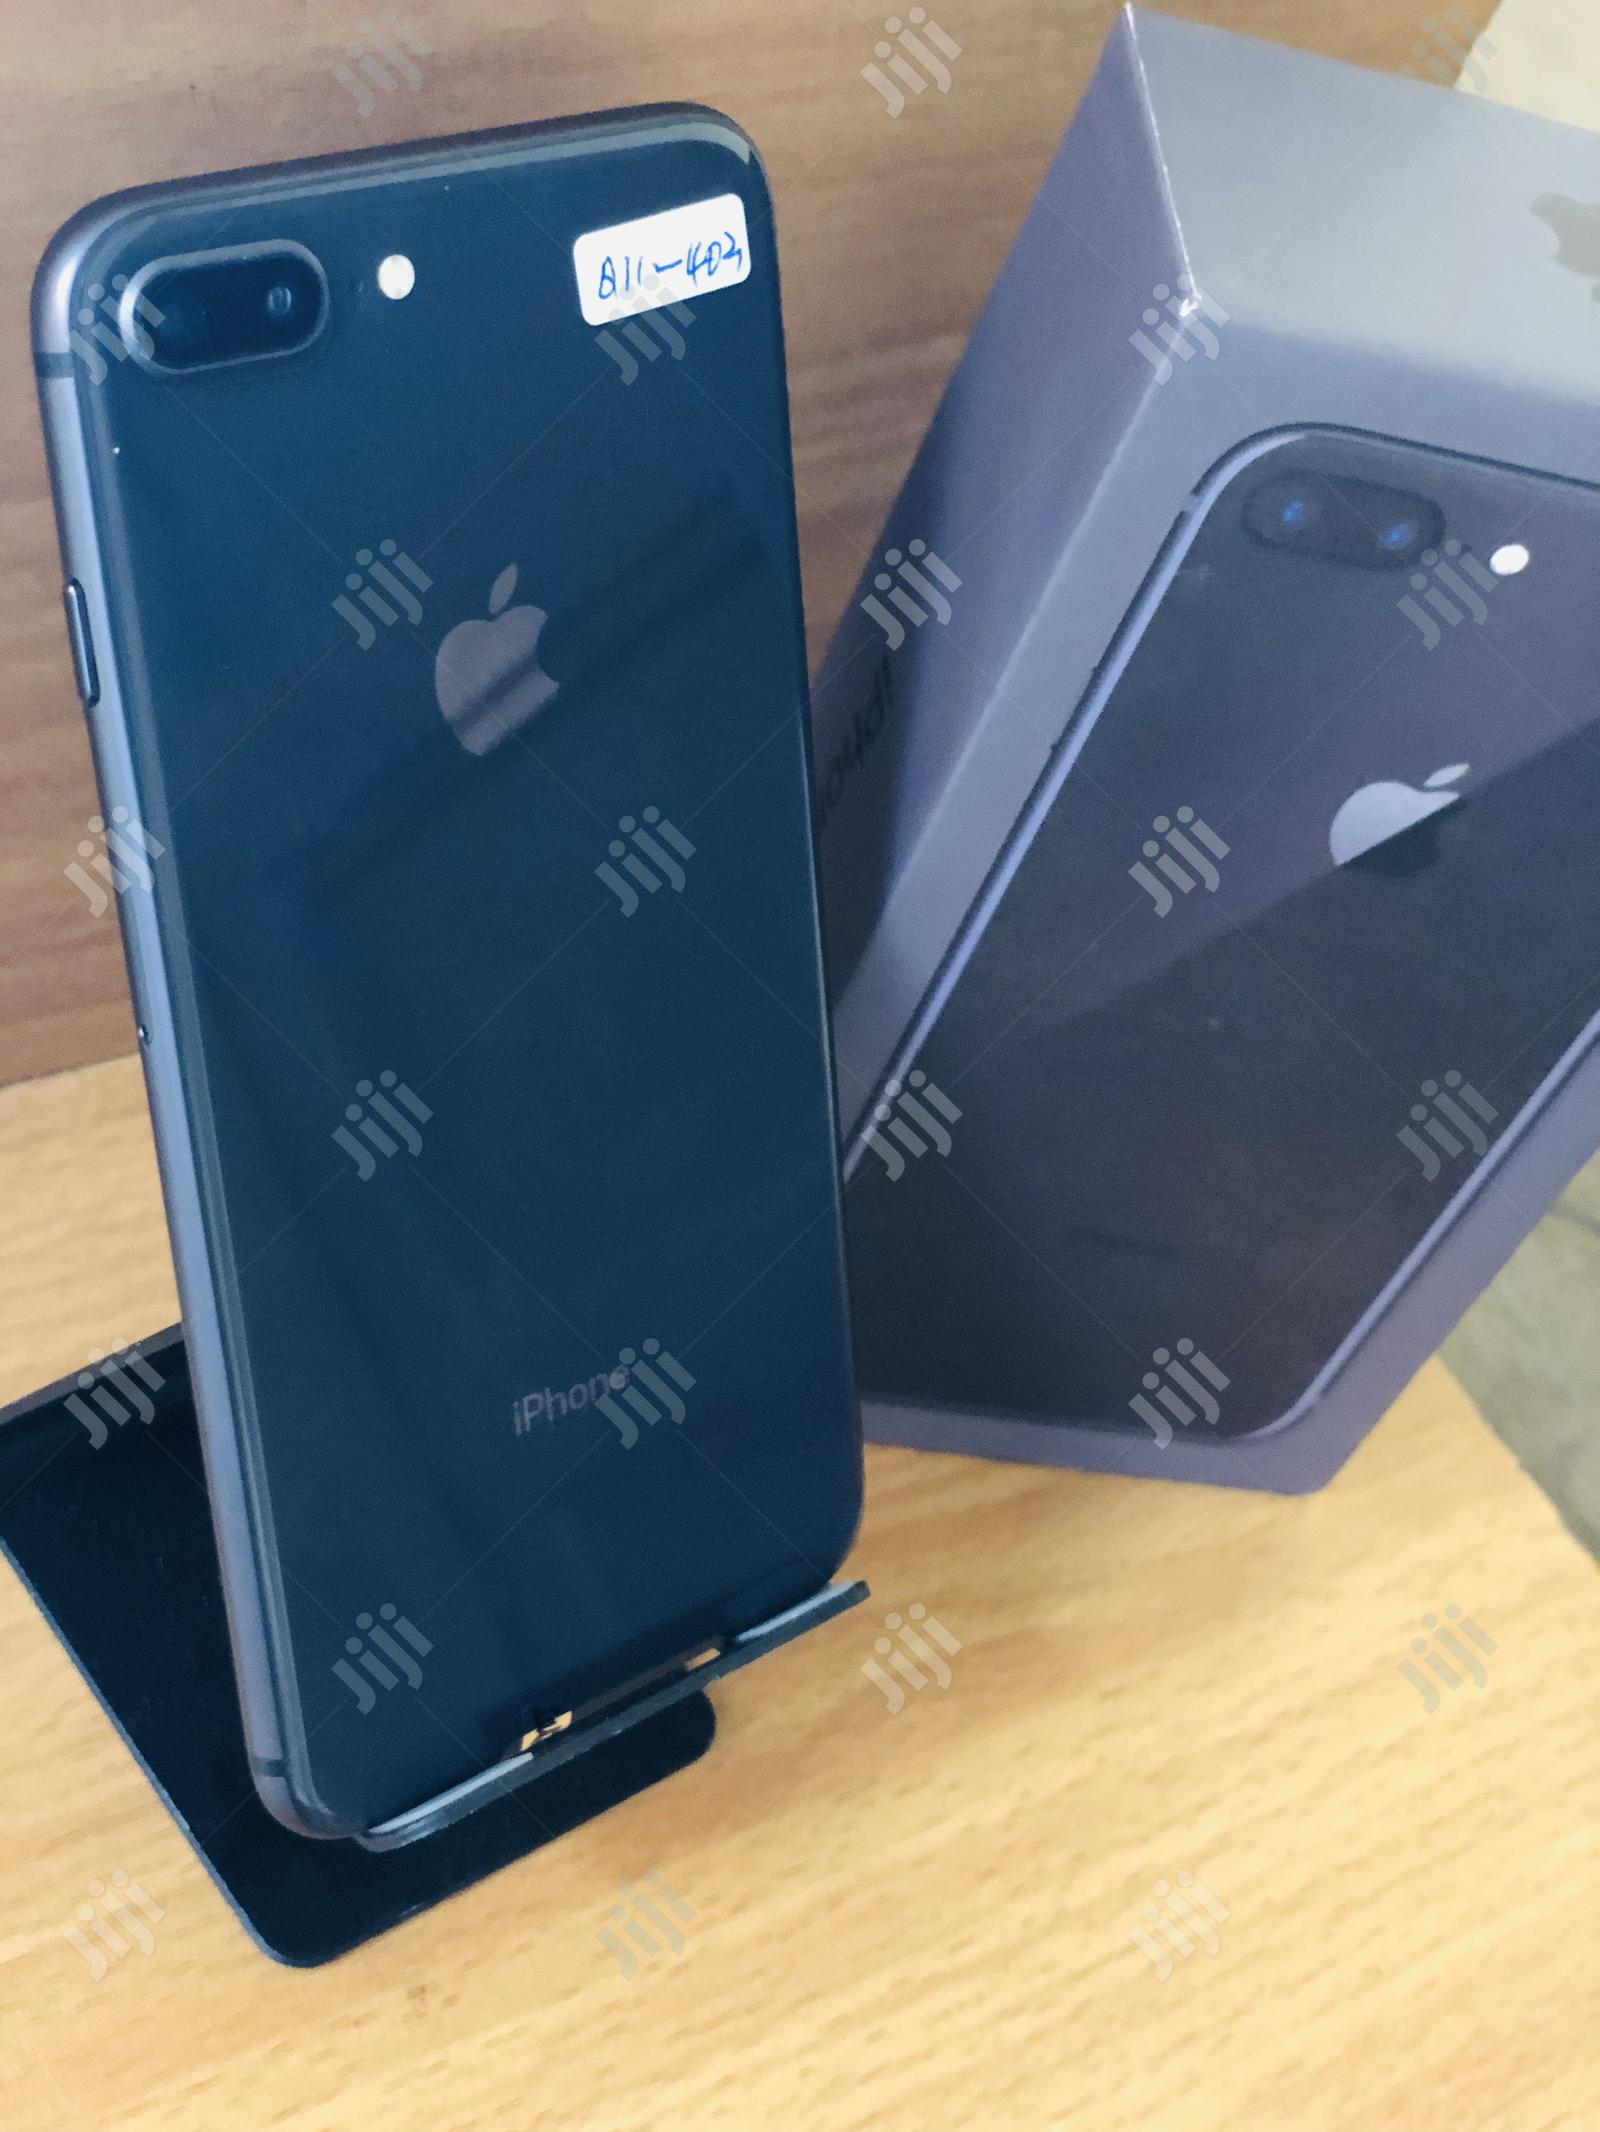 Apple iPhone 8 Plus 64 GB Black   Mobile Phones for sale in Benin City, Edo State, Nigeria